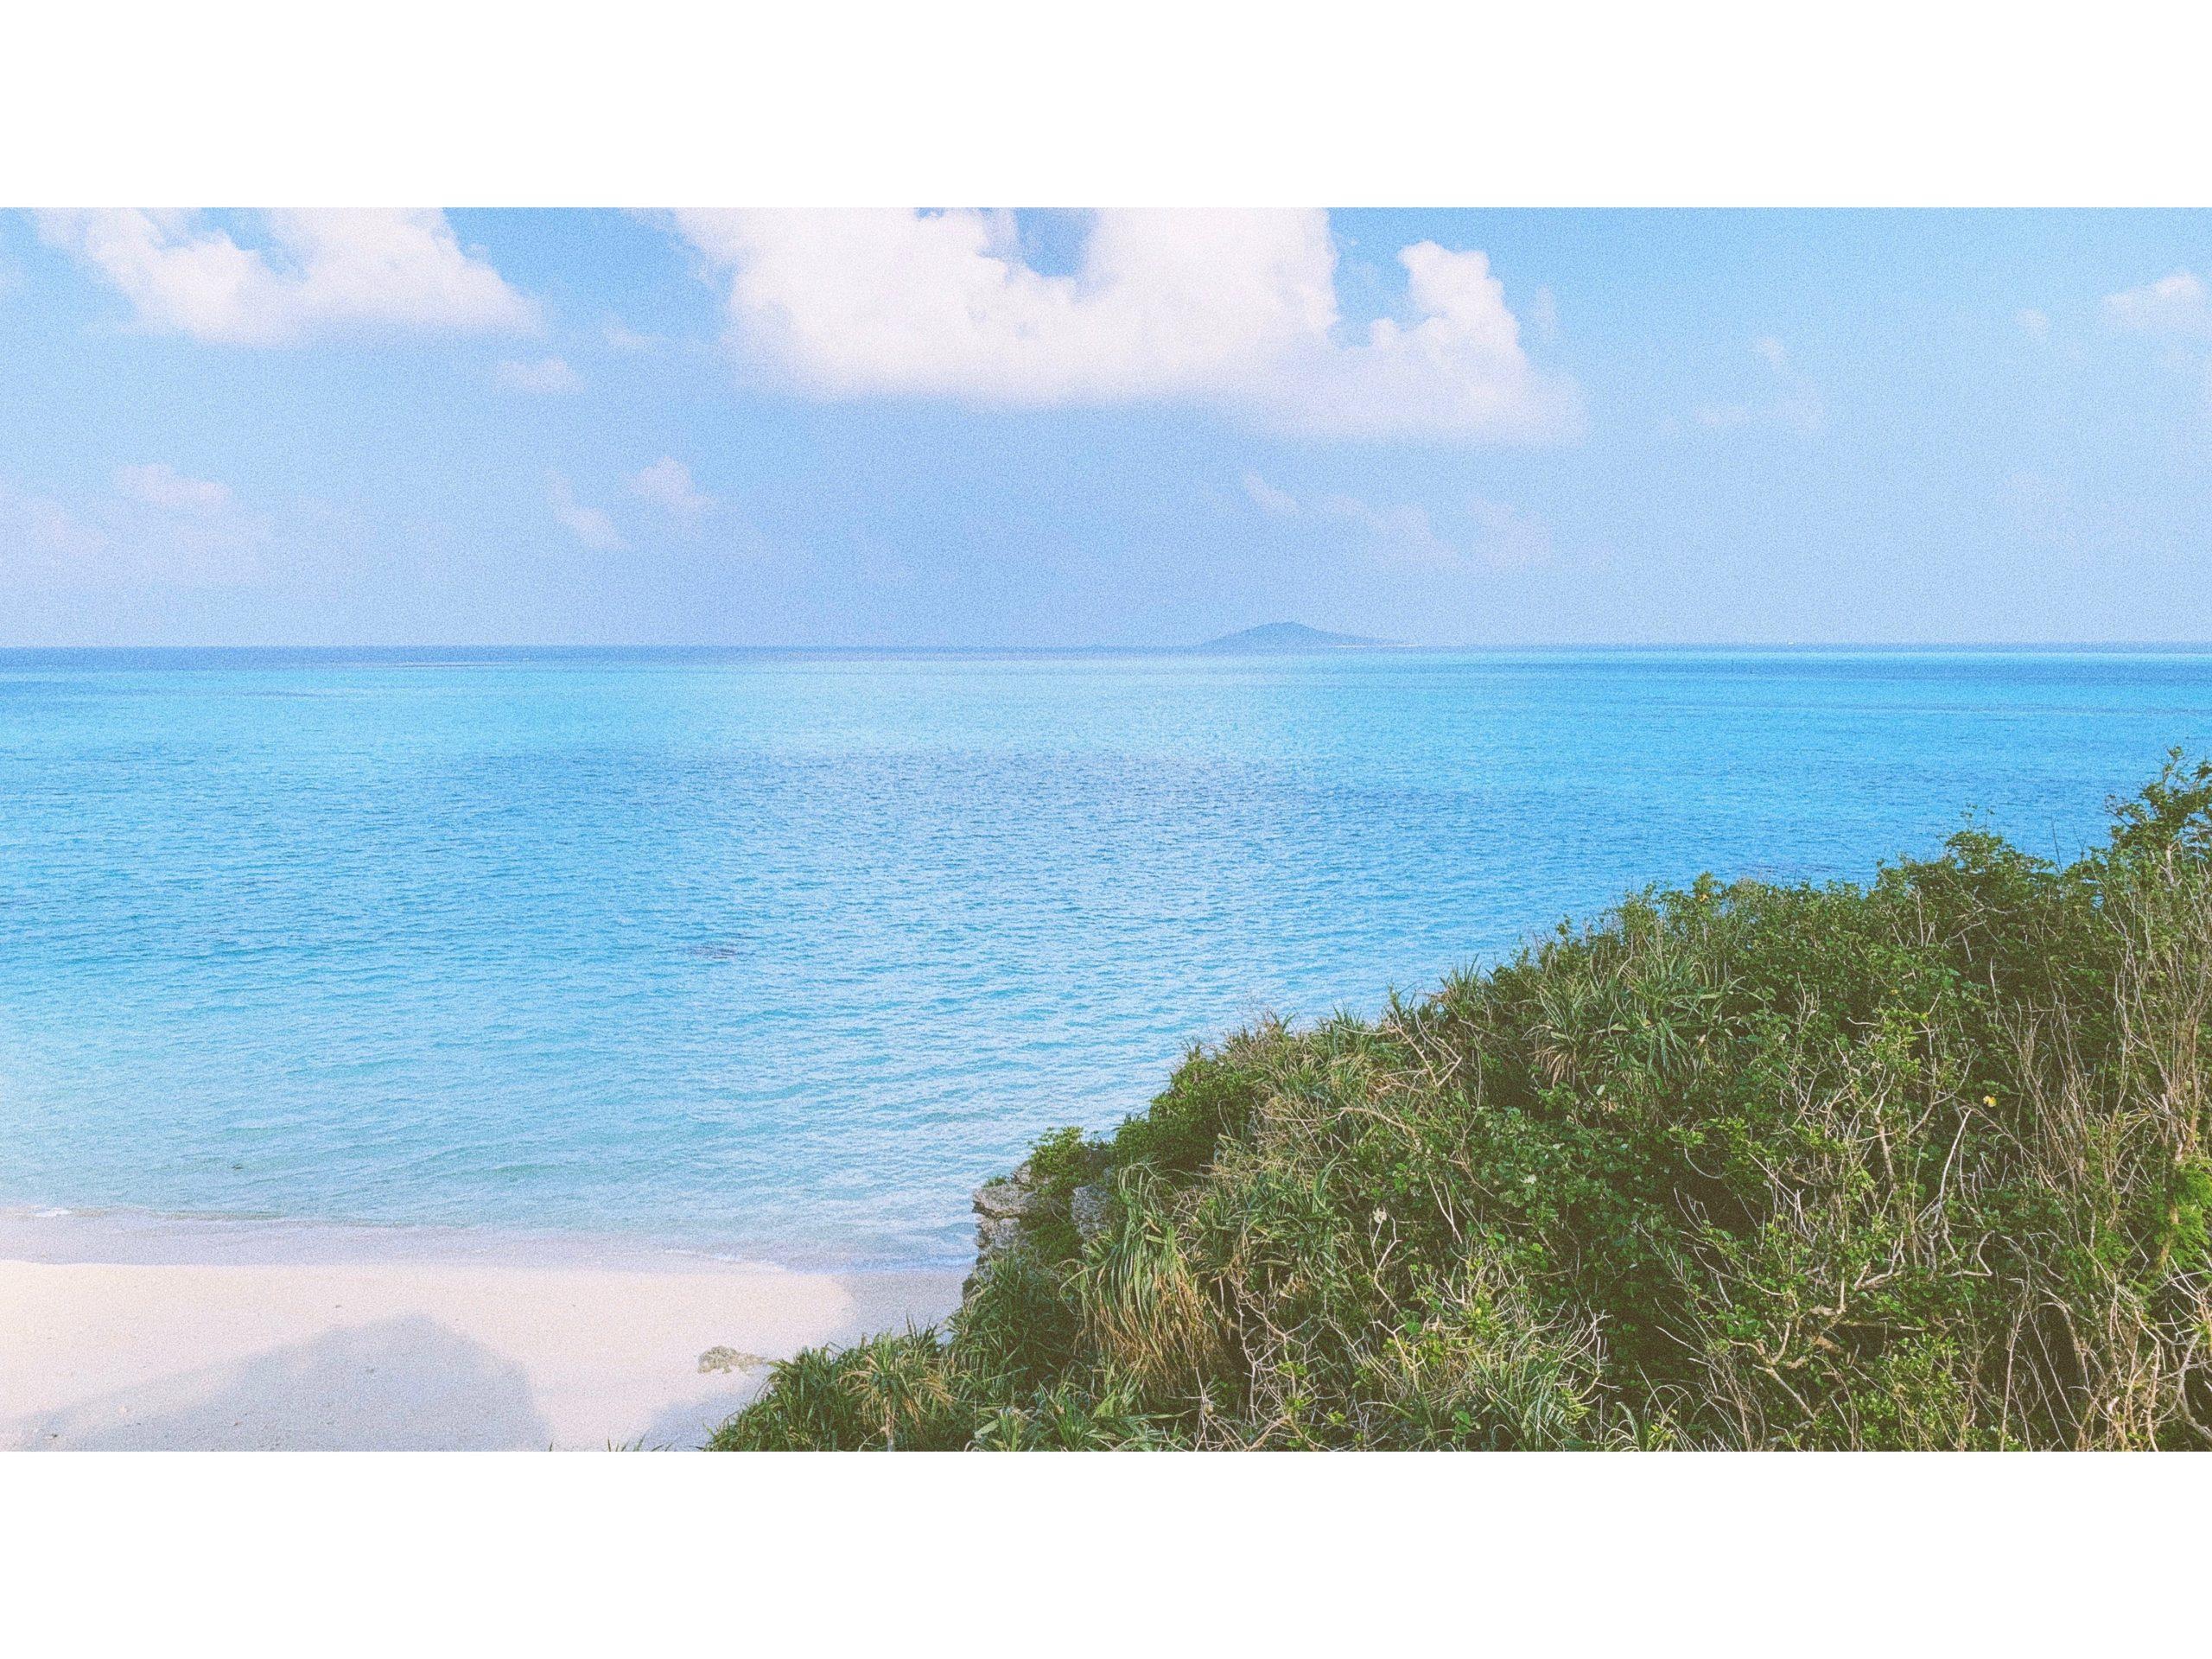 【宮古島】宮古の海は想像していたより綺麗だった!